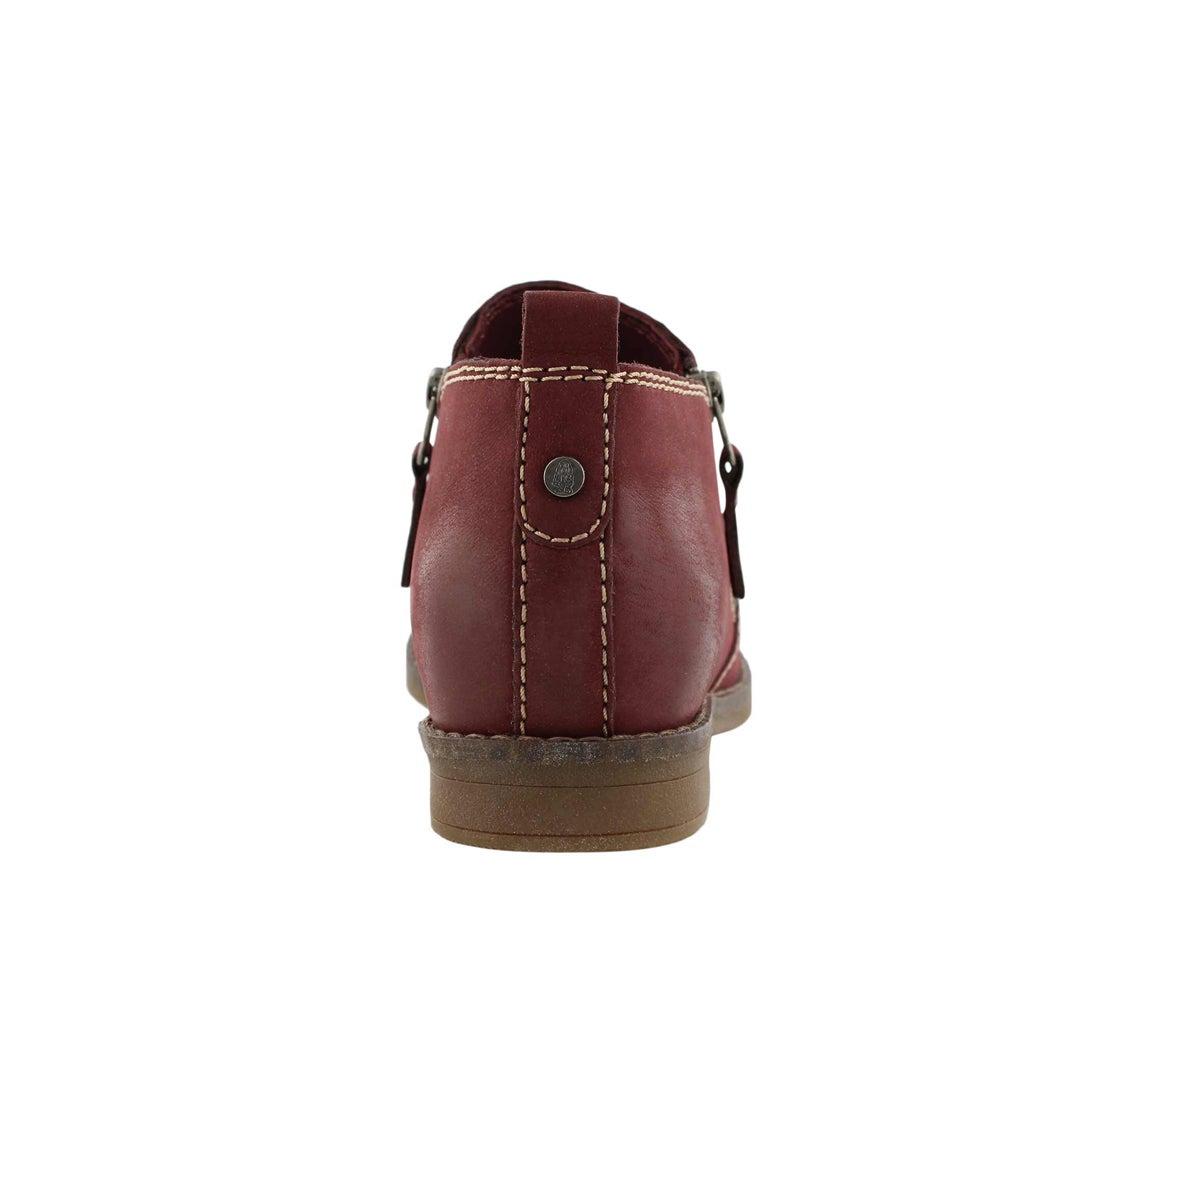 Lds Mazin Cayto wine zip up casual boot